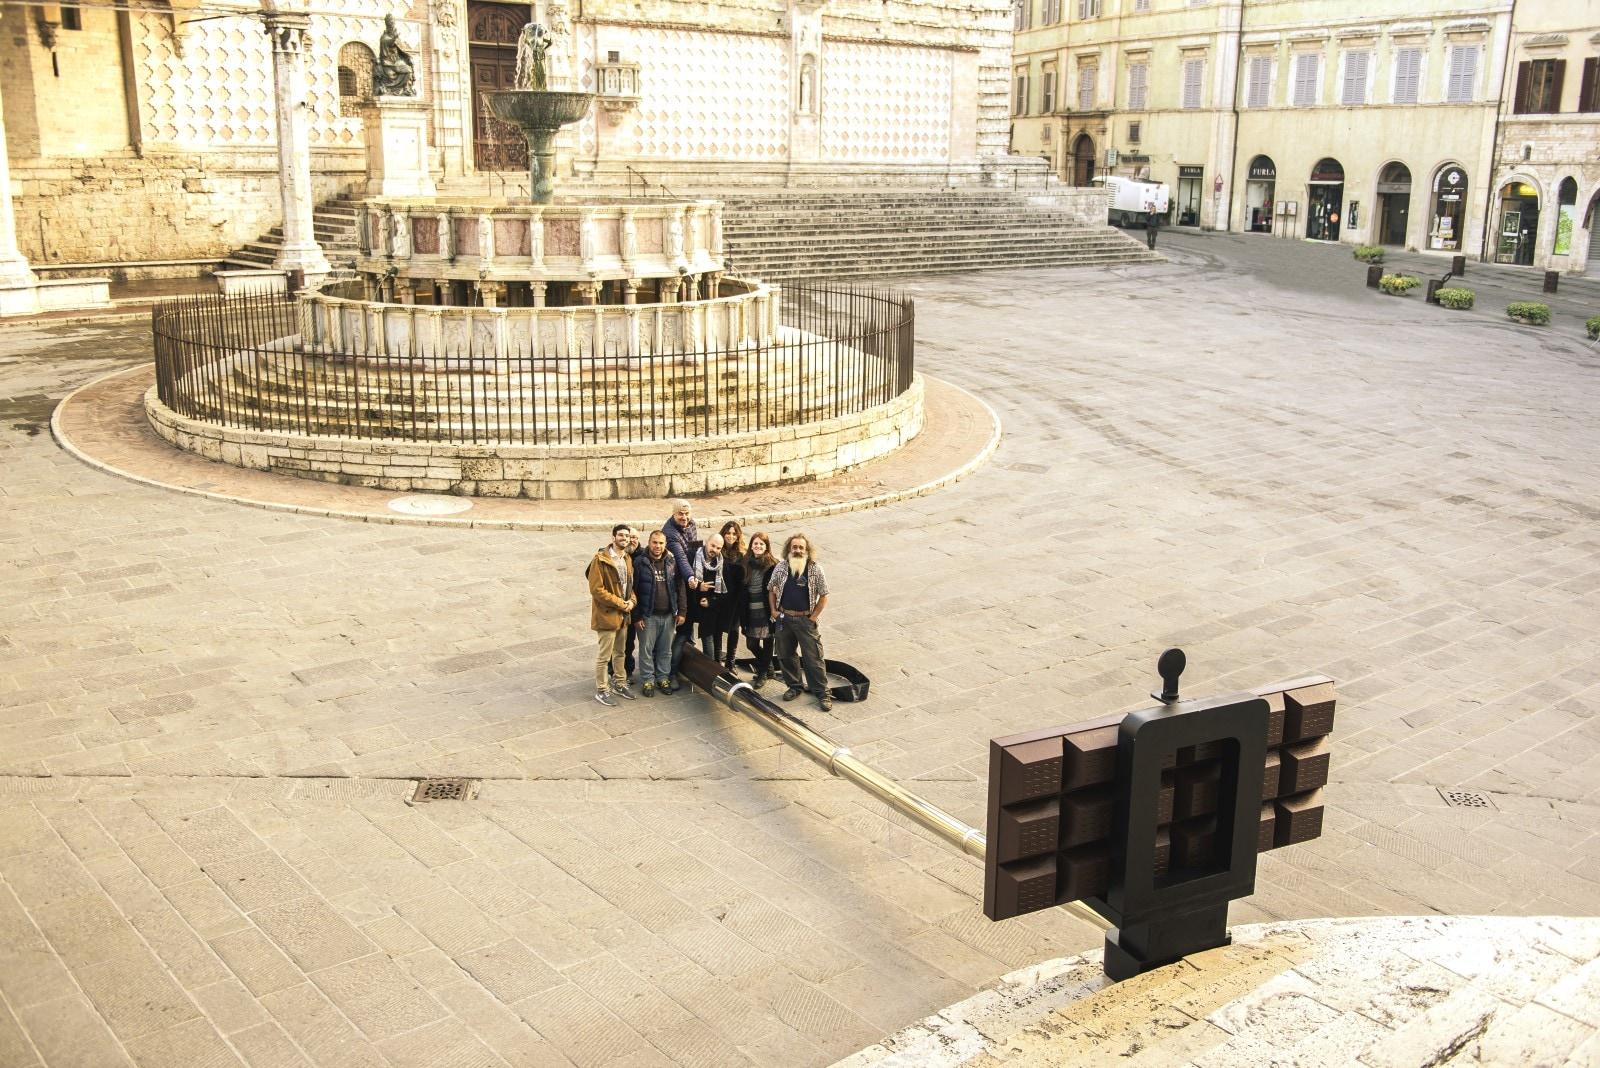 Il Choco Selfie Stick, installazione unica al mondo